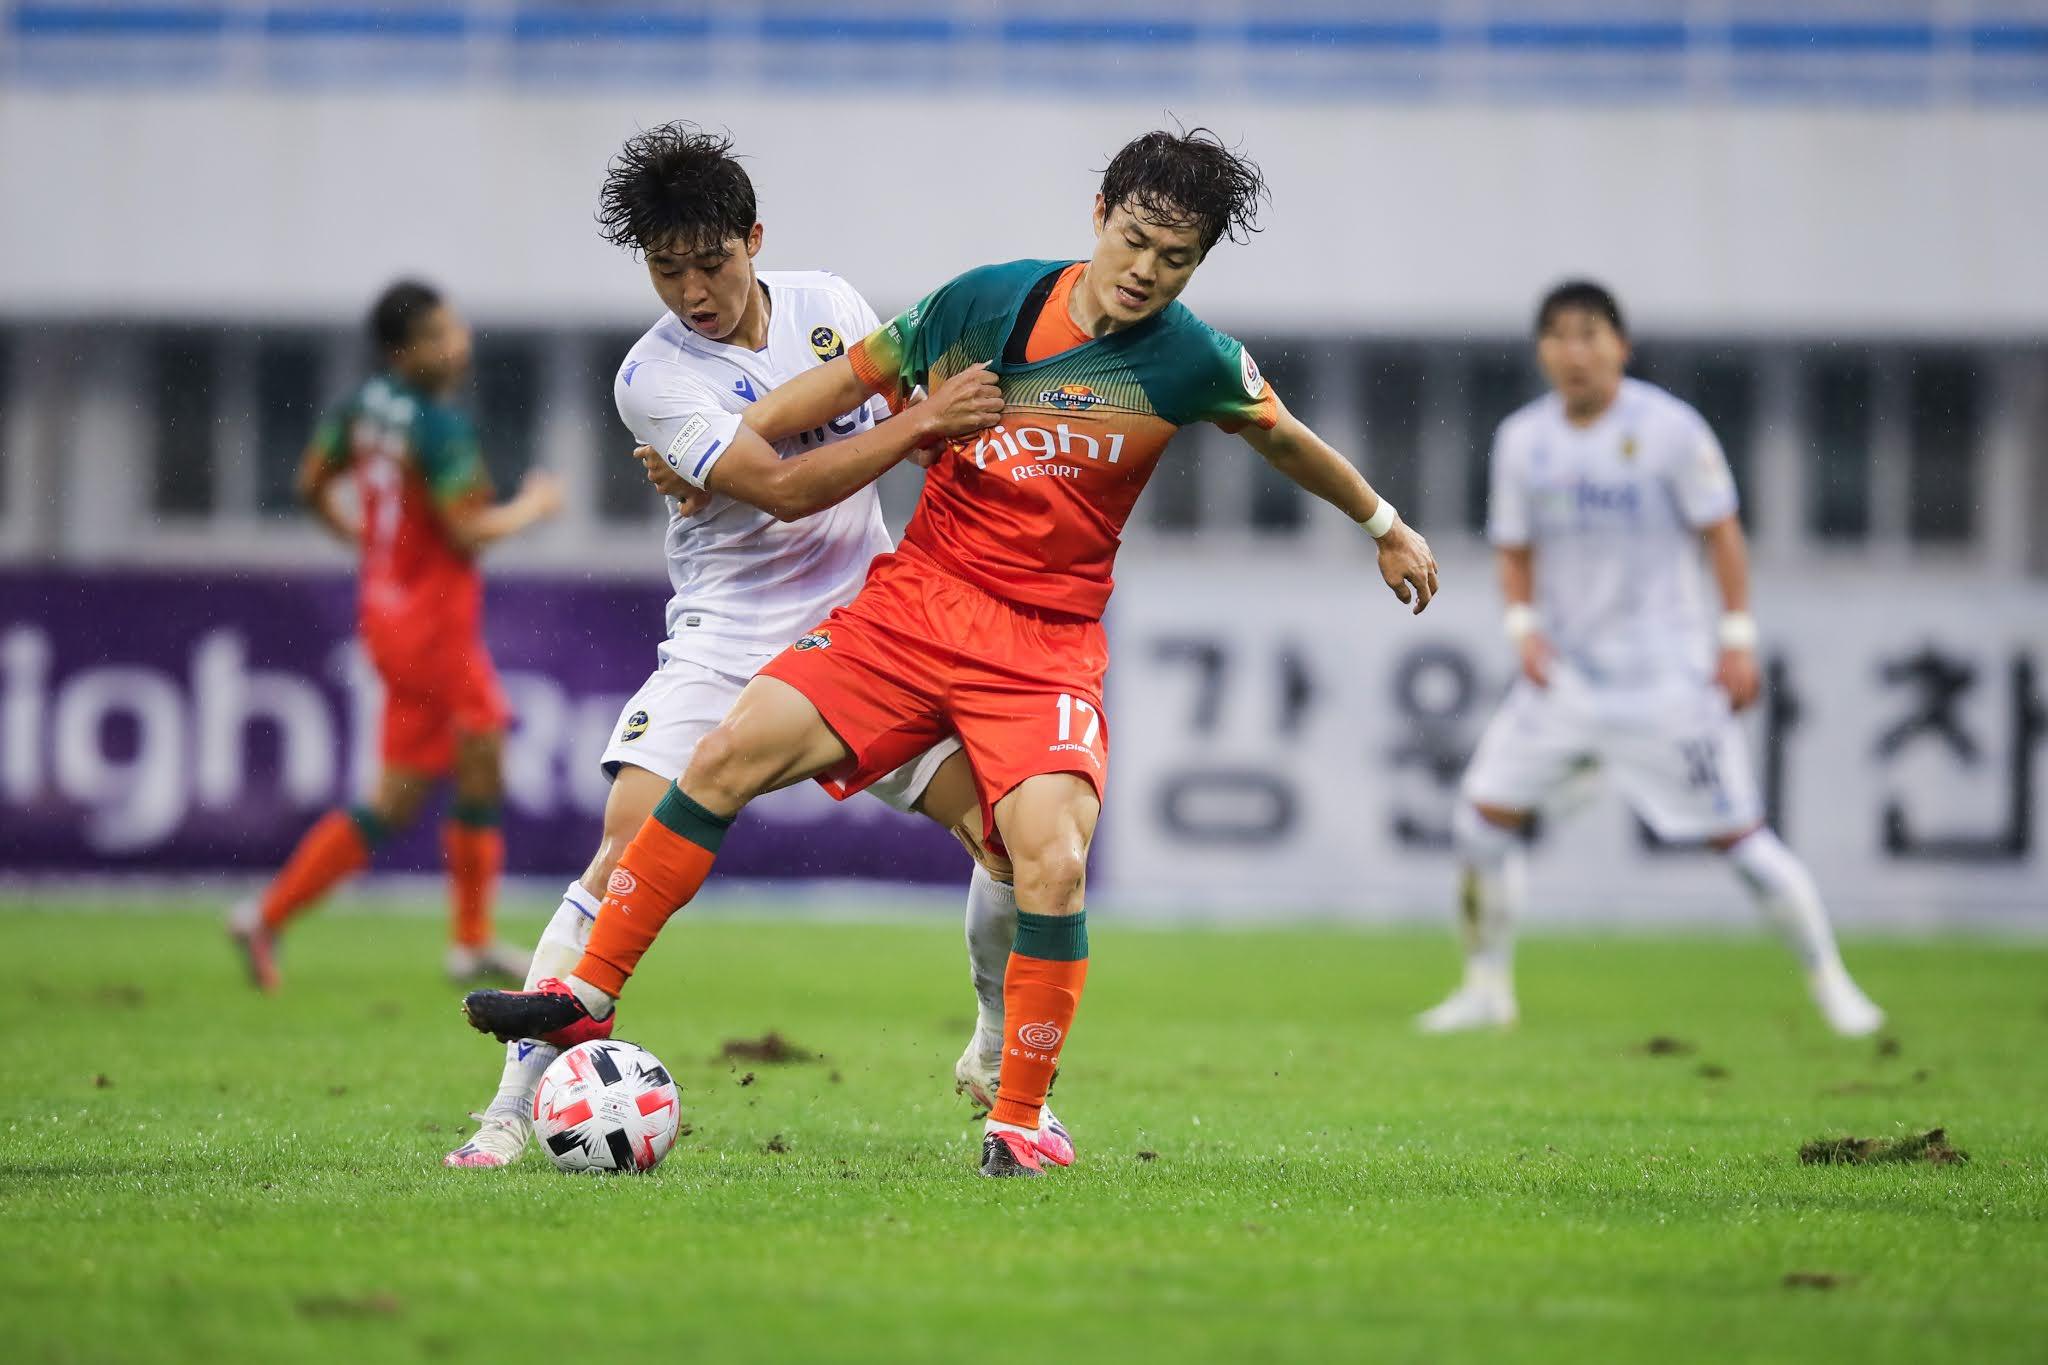 Soi kèo Gangwon vs Incheon United, 17h00 ngày 16/10, VĐQG Hàn Quốc